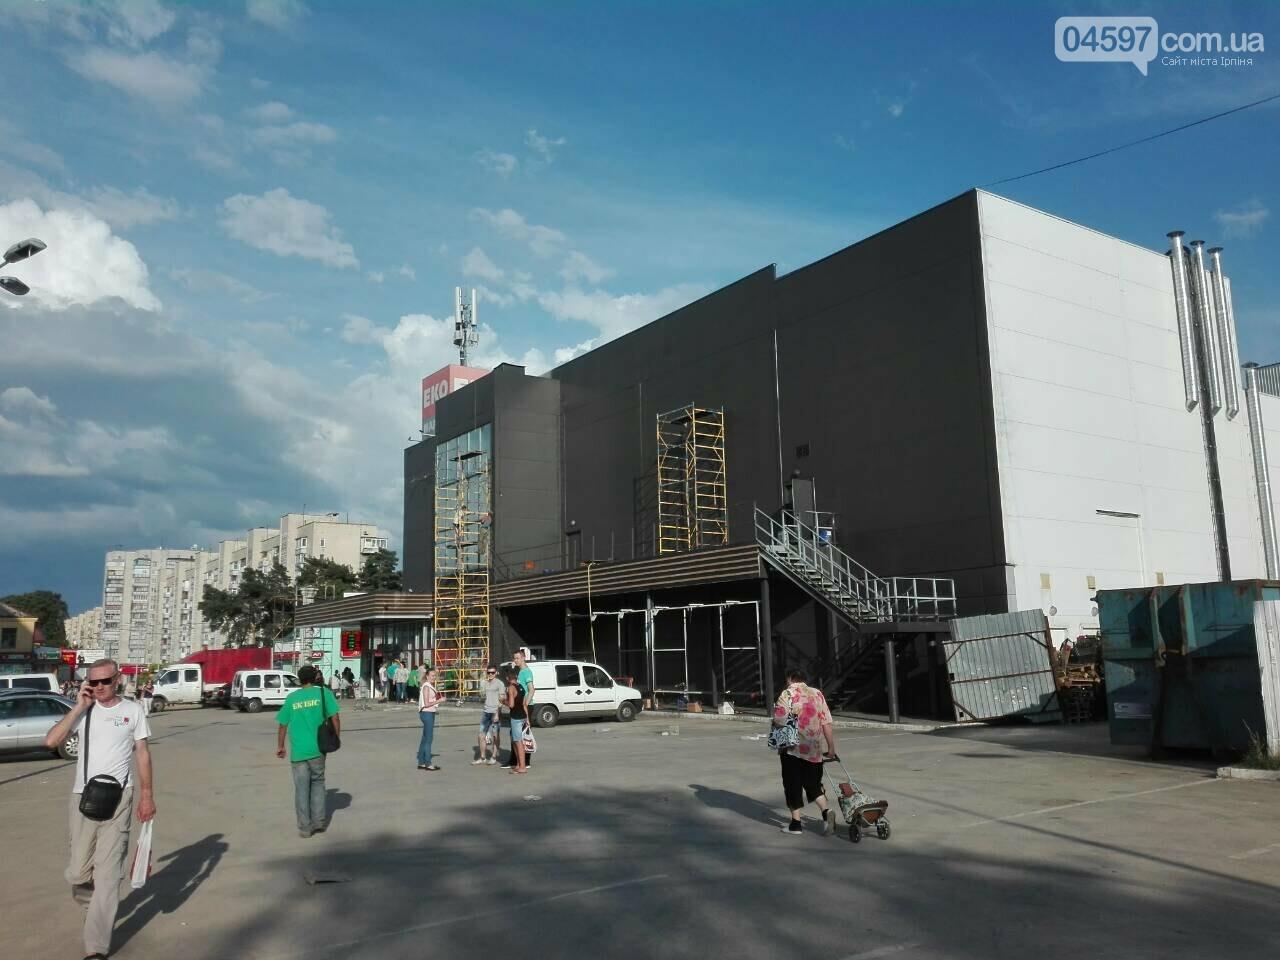 Еко-маркет та Дім доргівлі змінють фасад (Фотозвіт), фото-7